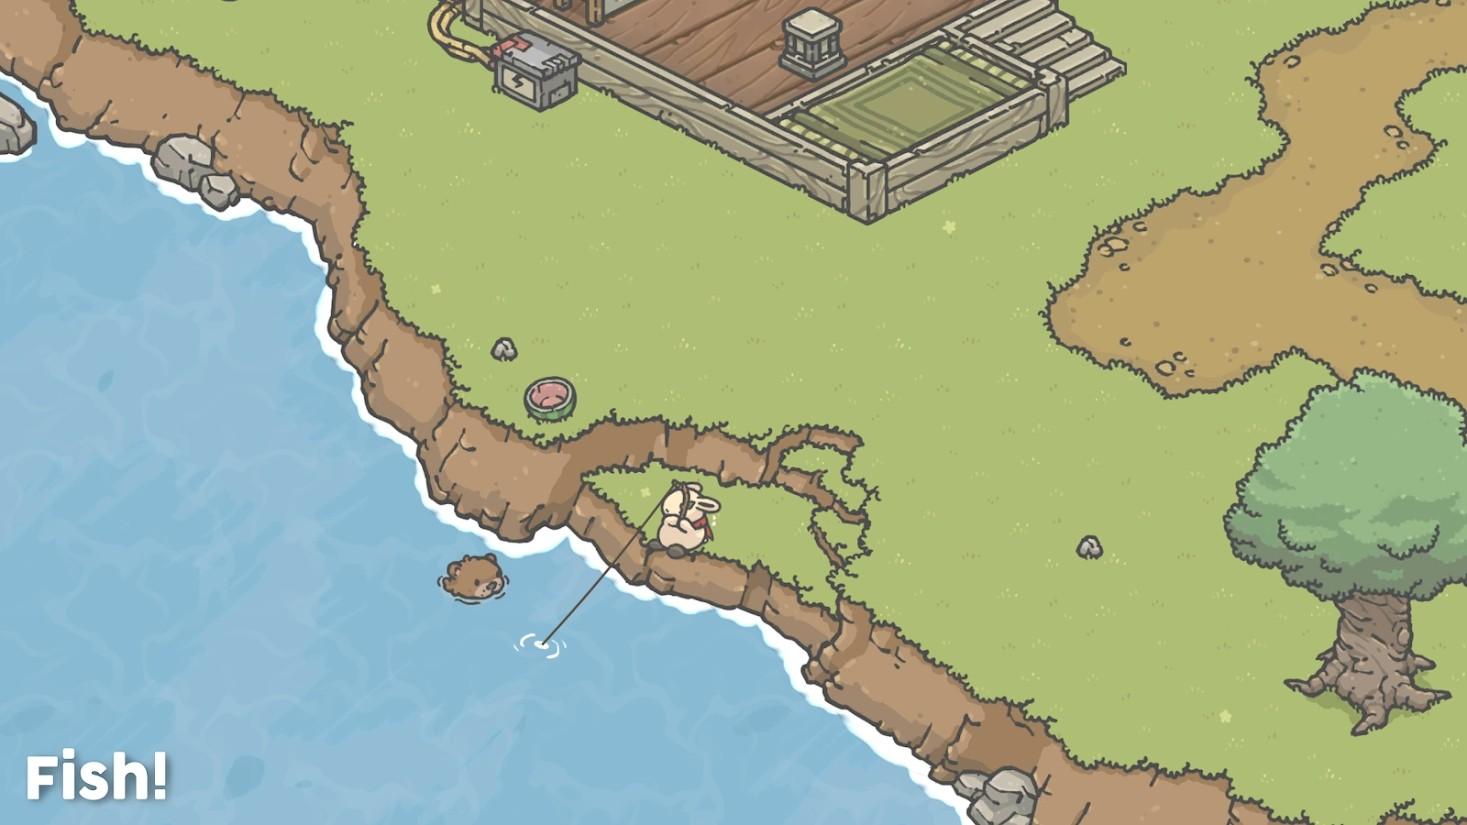 月兔冒险奥德赛手机版_月兔冒险奥德赛安卓版下载